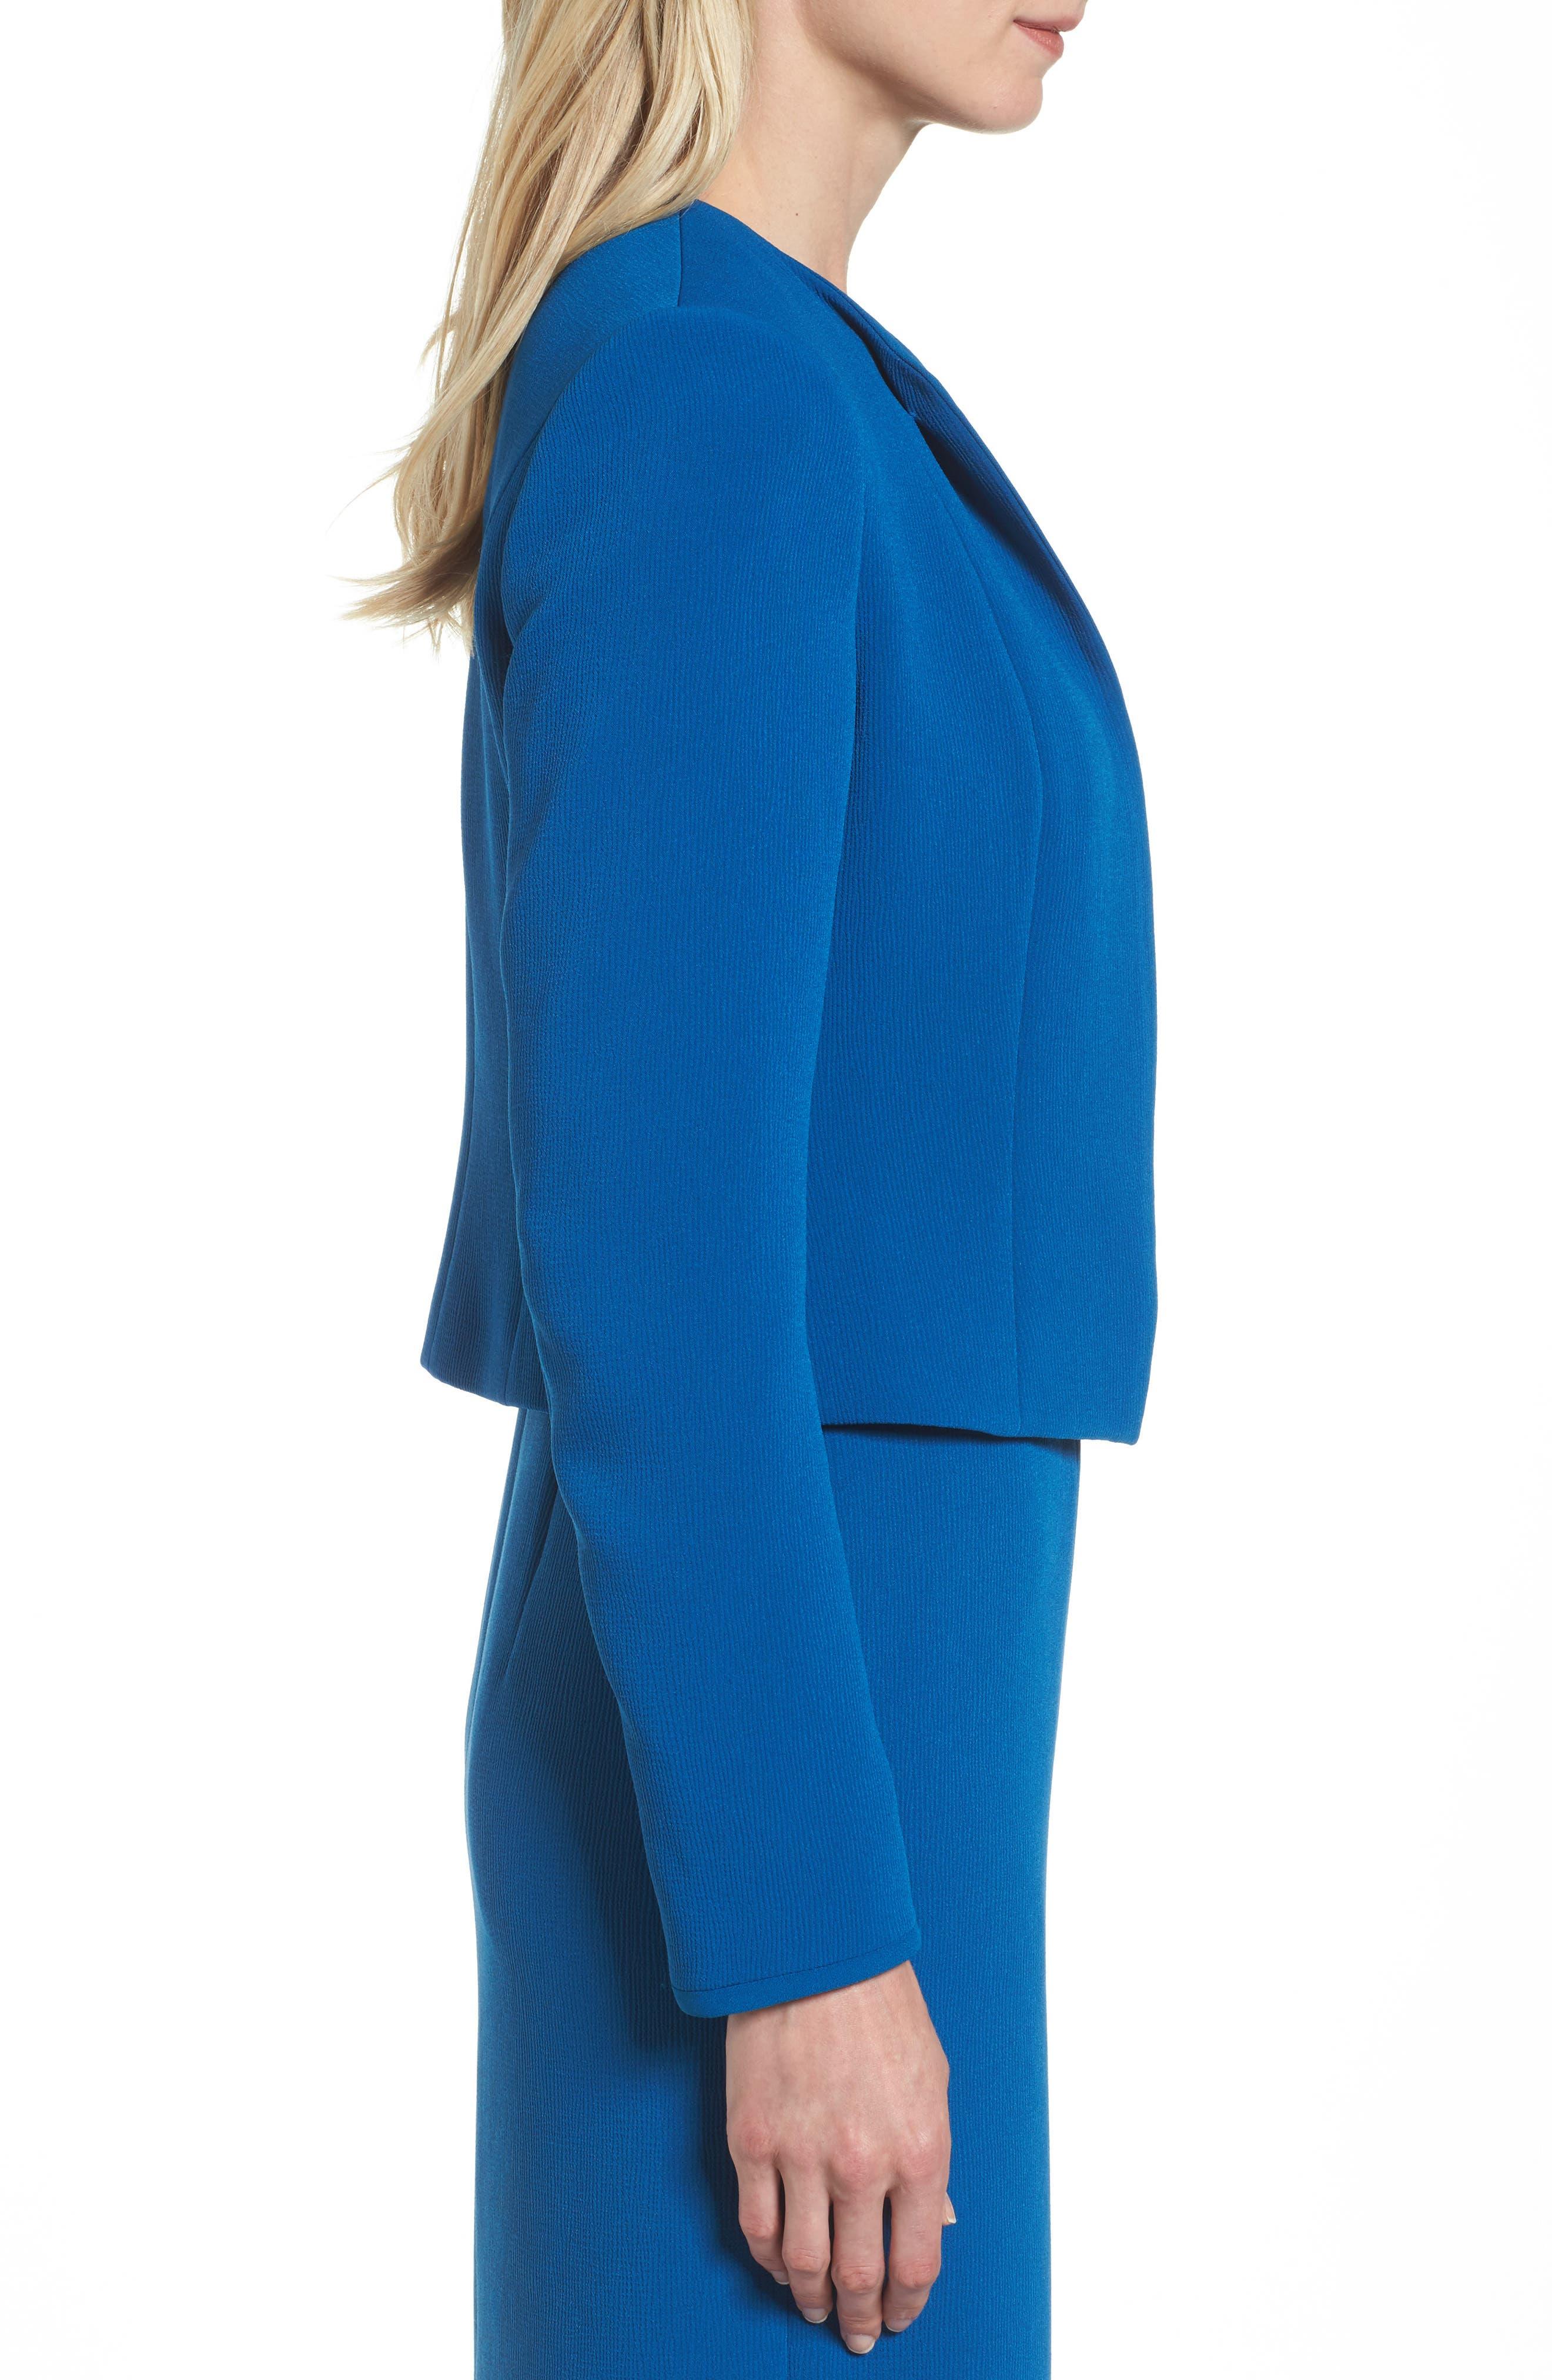 Jerusa Crop Suit Jacket,                             Alternate thumbnail 3, color,                             Gentian Blue